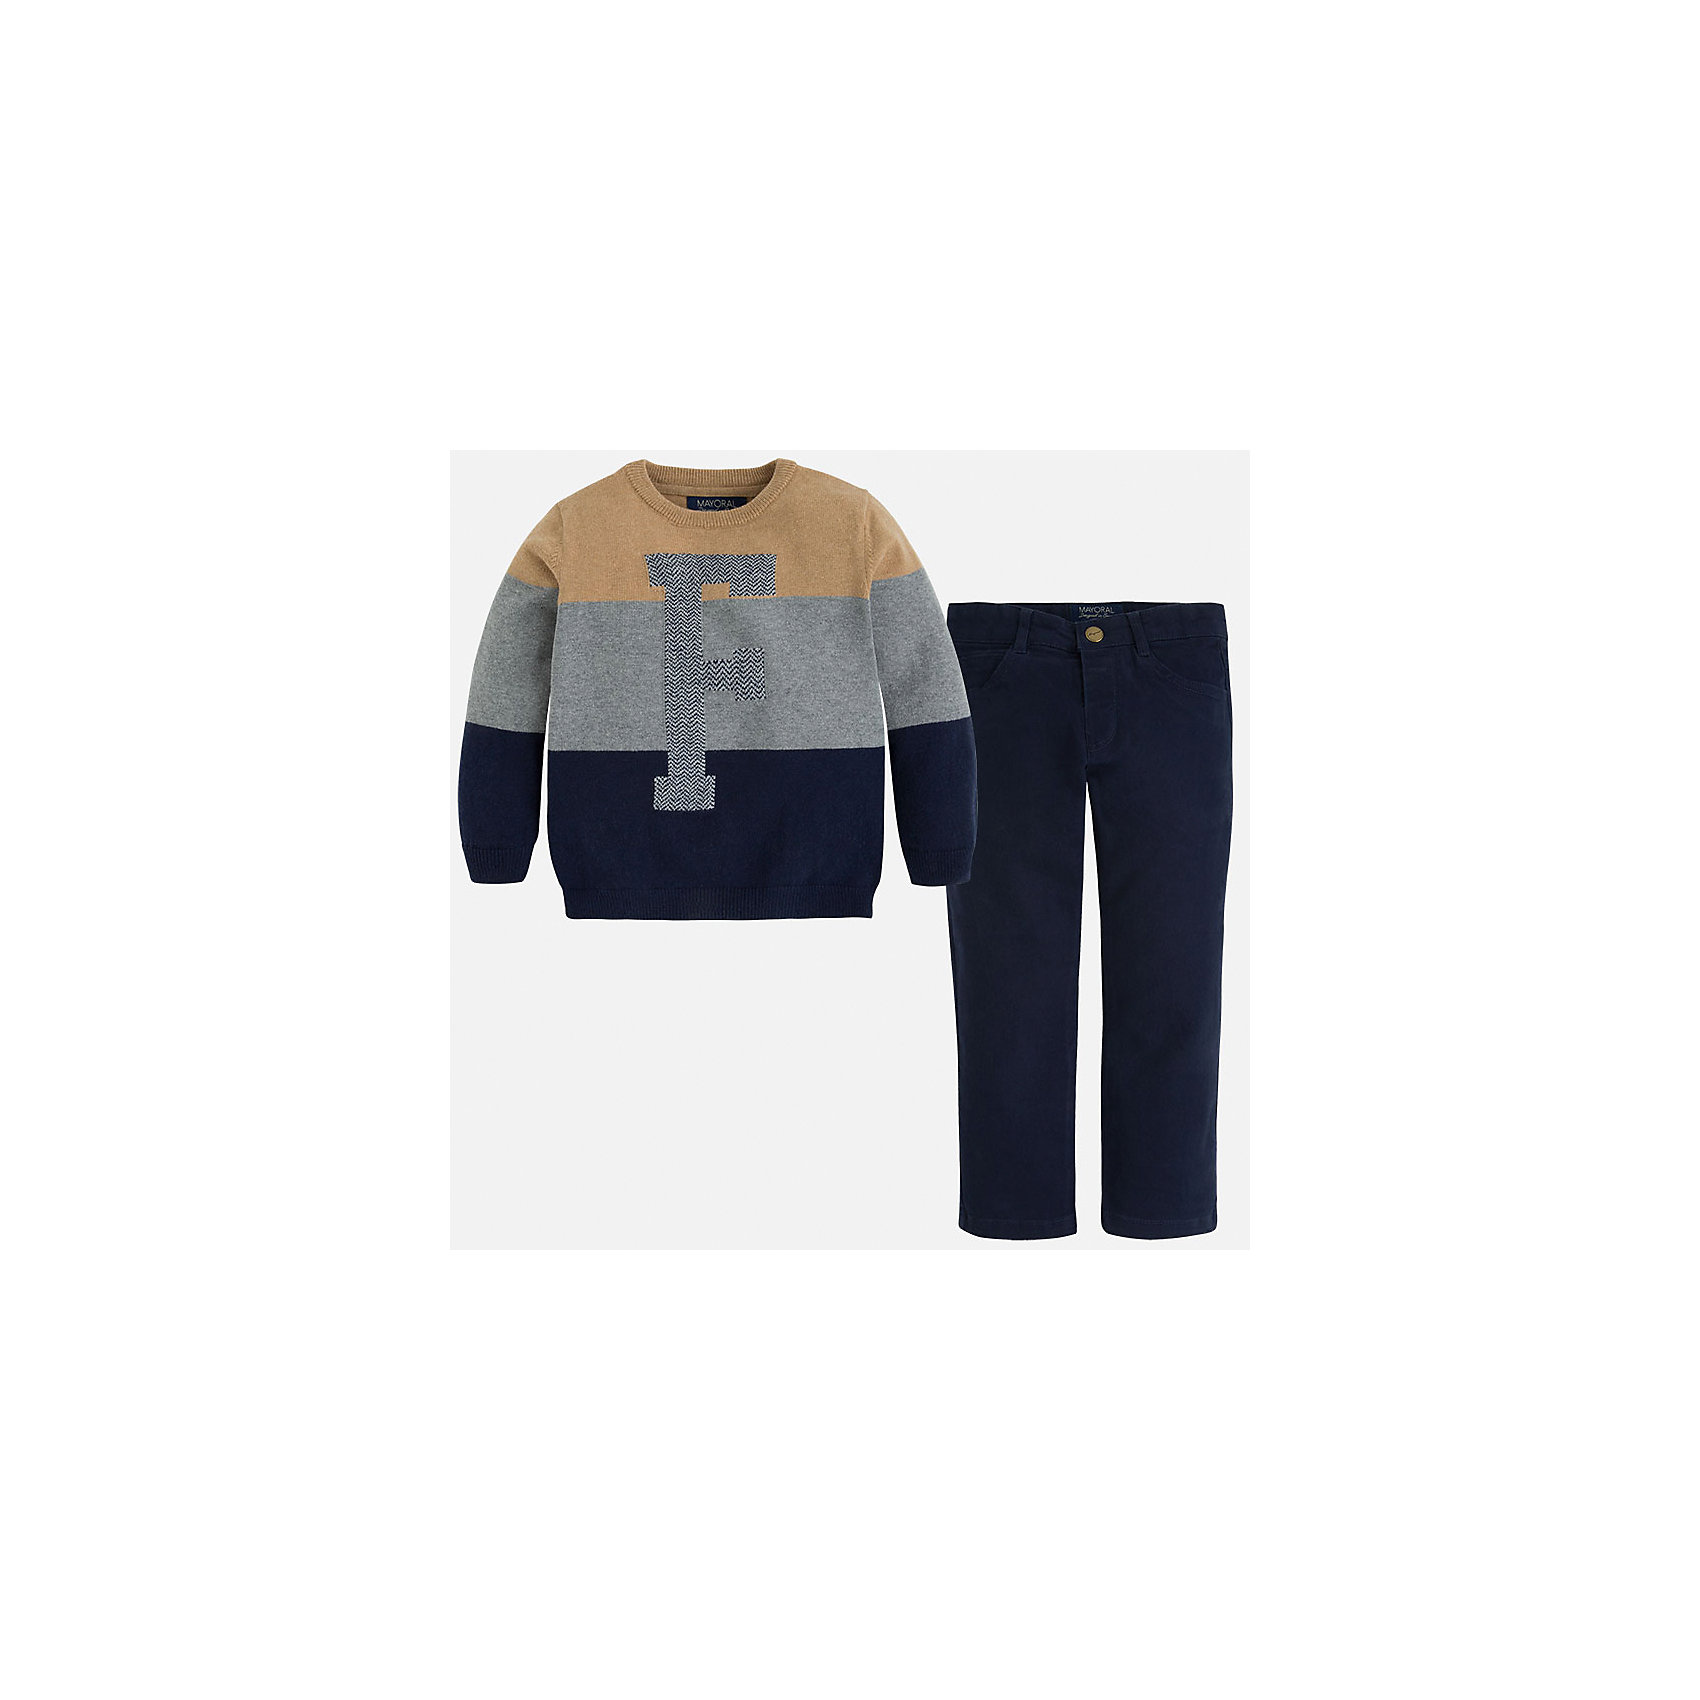 Комплект: брюки и свитер для мальчика MayoralКрасивый комплект состоящий из свитера и брюк, отлично подойдет юному моднику.<br><br>Дополнительная информация:<br><br>- В комплекте: брюки и свитер.<br>- Крой: прямой крой.<br>- Страна бренда: Испания.<br>- Состав: хлопок 60%, полиамид 30%, шерсть 10%.<br>- Цвет: темно-синий.<br>- Уход: бережная стирка при 30 градусах.<br><br>Купить комплект брюки и свитер для мальчика Mayoral, можно в нашем магазине.<br><br>Ширина мм: 190<br>Глубина мм: 74<br>Высота мм: 229<br>Вес г: 236<br>Цвет: синий<br>Возраст от месяцев: 24<br>Возраст до месяцев: 36<br>Пол: Мужской<br>Возраст: Детский<br>Размер: 98,110,122,128,134,116,104<br>SKU: 4826472